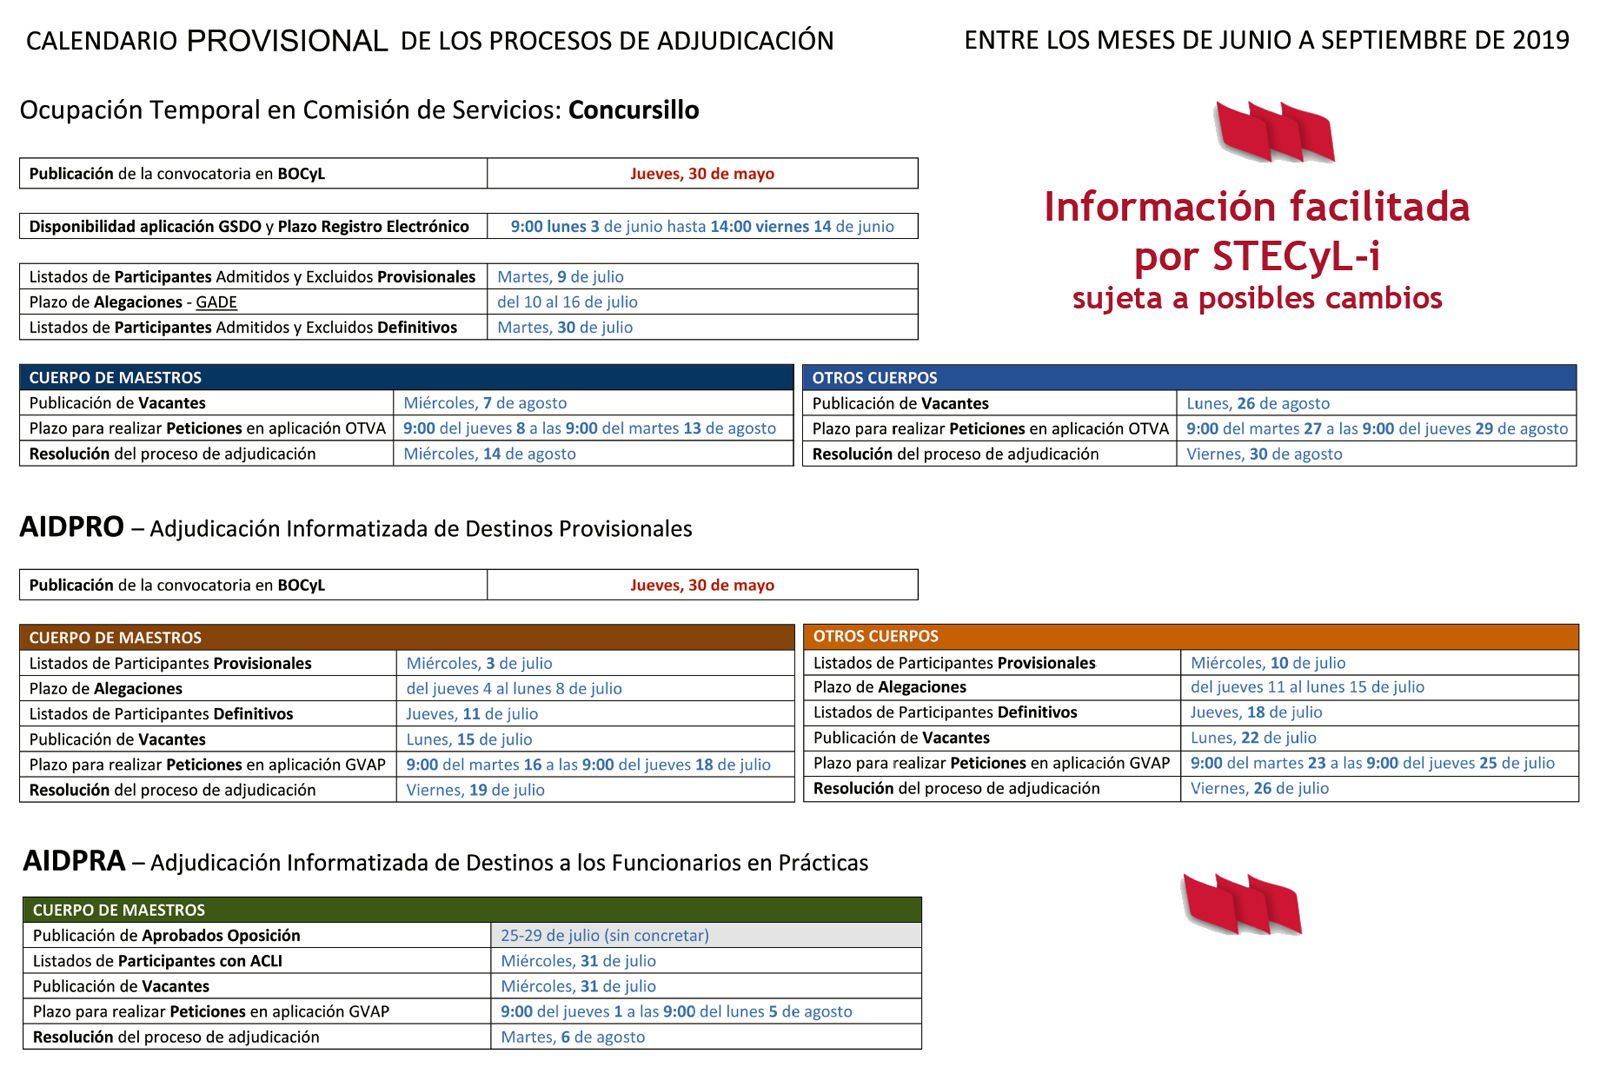 Calendario-Adjudicaciones-19-20-Funcionarios